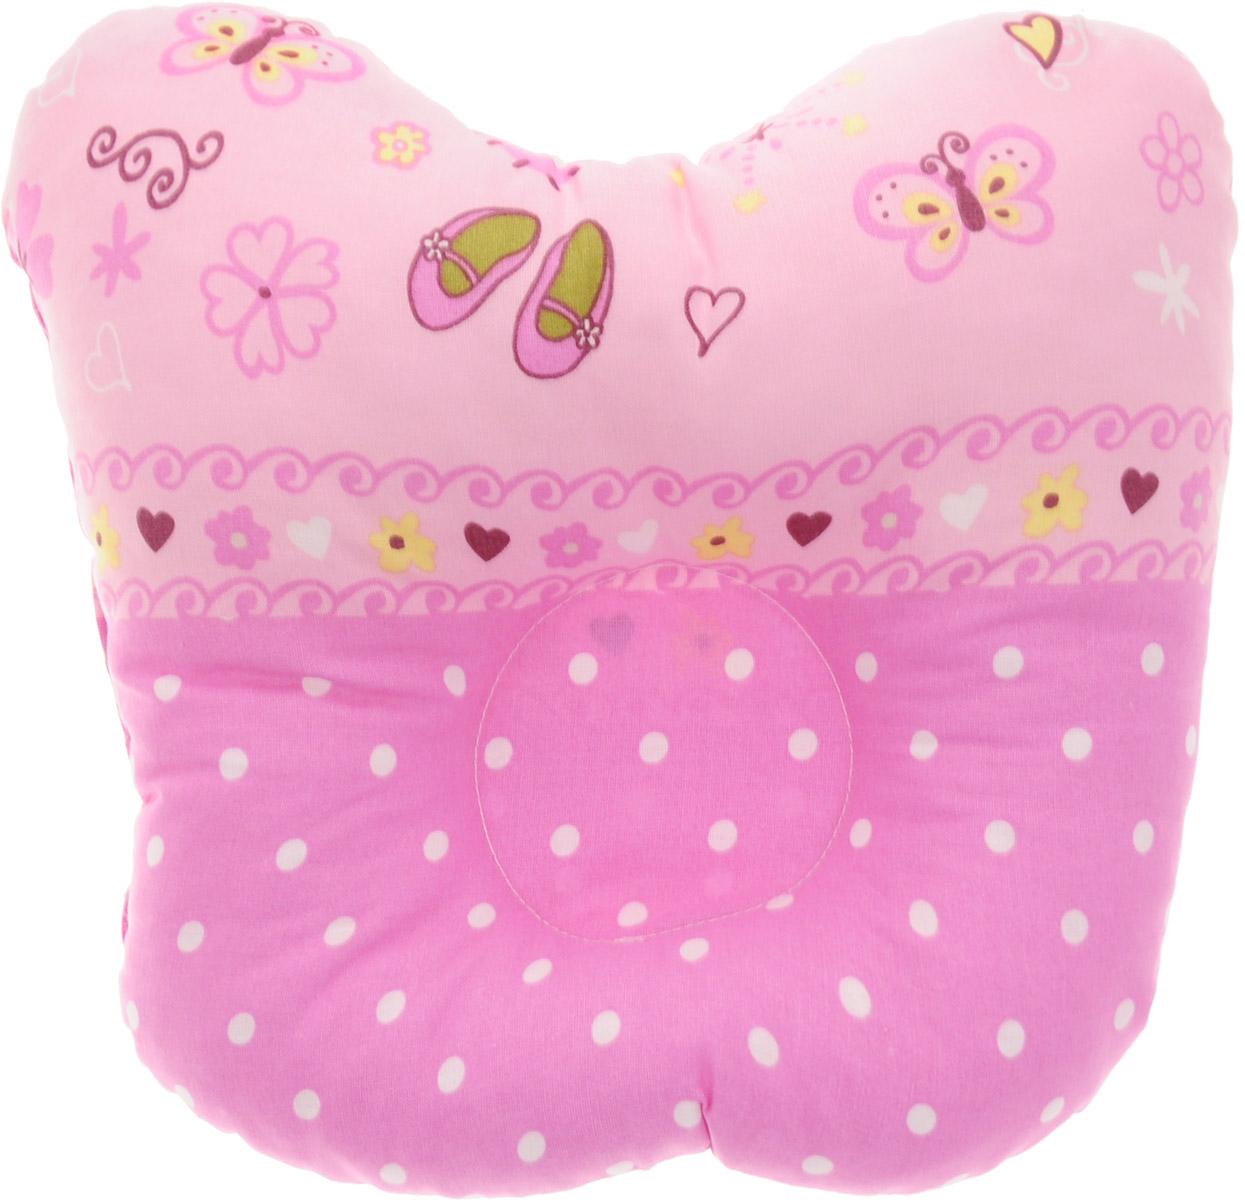 Сонный гномик Подушка анатомическая для младенцев Бабочки цвет розовый светло-розовый 27 х 27 см555А_розовый/бабочки, горохАнатомическая подушка для младенцев Сонный гномик Бабочки изготовлена из бязи - 100% хлопка. Наполнитель - синтепон в гранулах (100% полиэстер).Подушка компактна и удобна для пеленания малыша и кормления на руках, она также незаменима для сна ребенка в кроватке и комфортна для использования в коляске на прогулке. Углубление в подушке фиксирует правильное положение головы ребенка.Подушка помогает правильному формированию шейного отдела позвоночника.